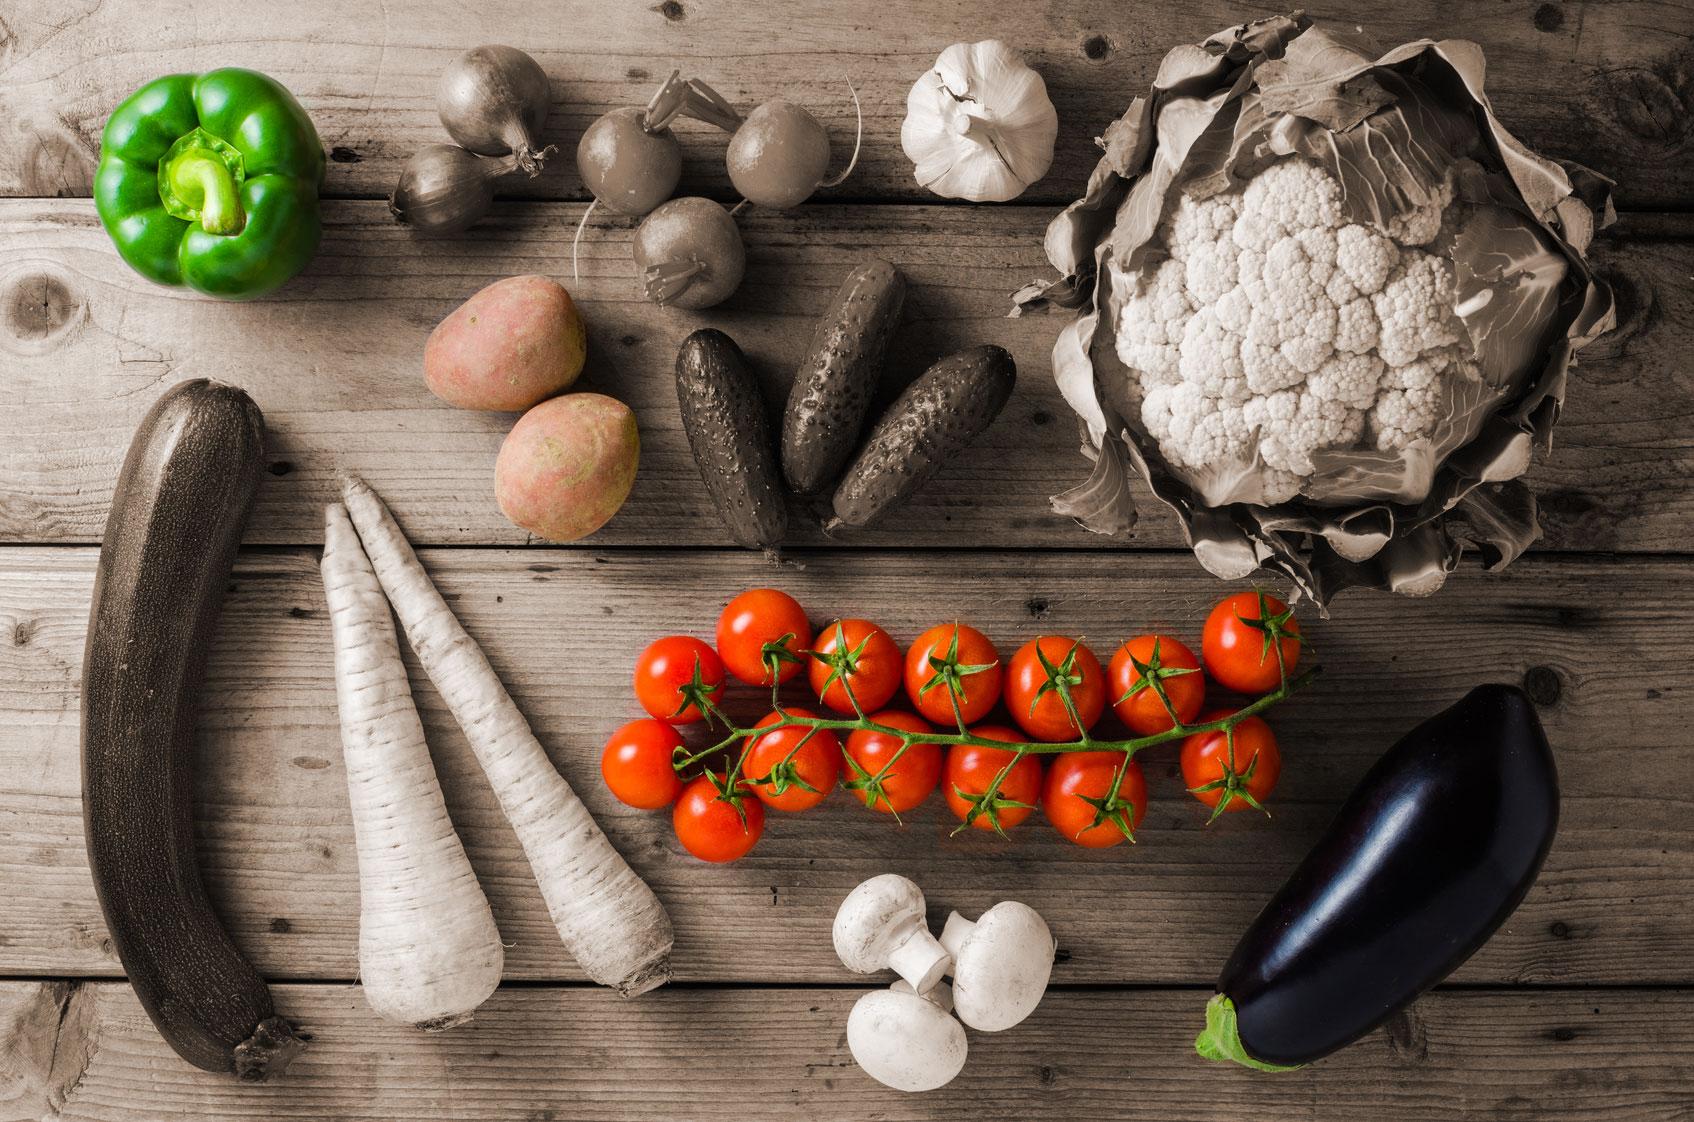 Foto: die giftigen Nachtschattengewächse: Paprika, Tomate, Kartoffel und Aubergine. © foodfibel.de, © Leszek Czerwonka, Fotolia #104777454